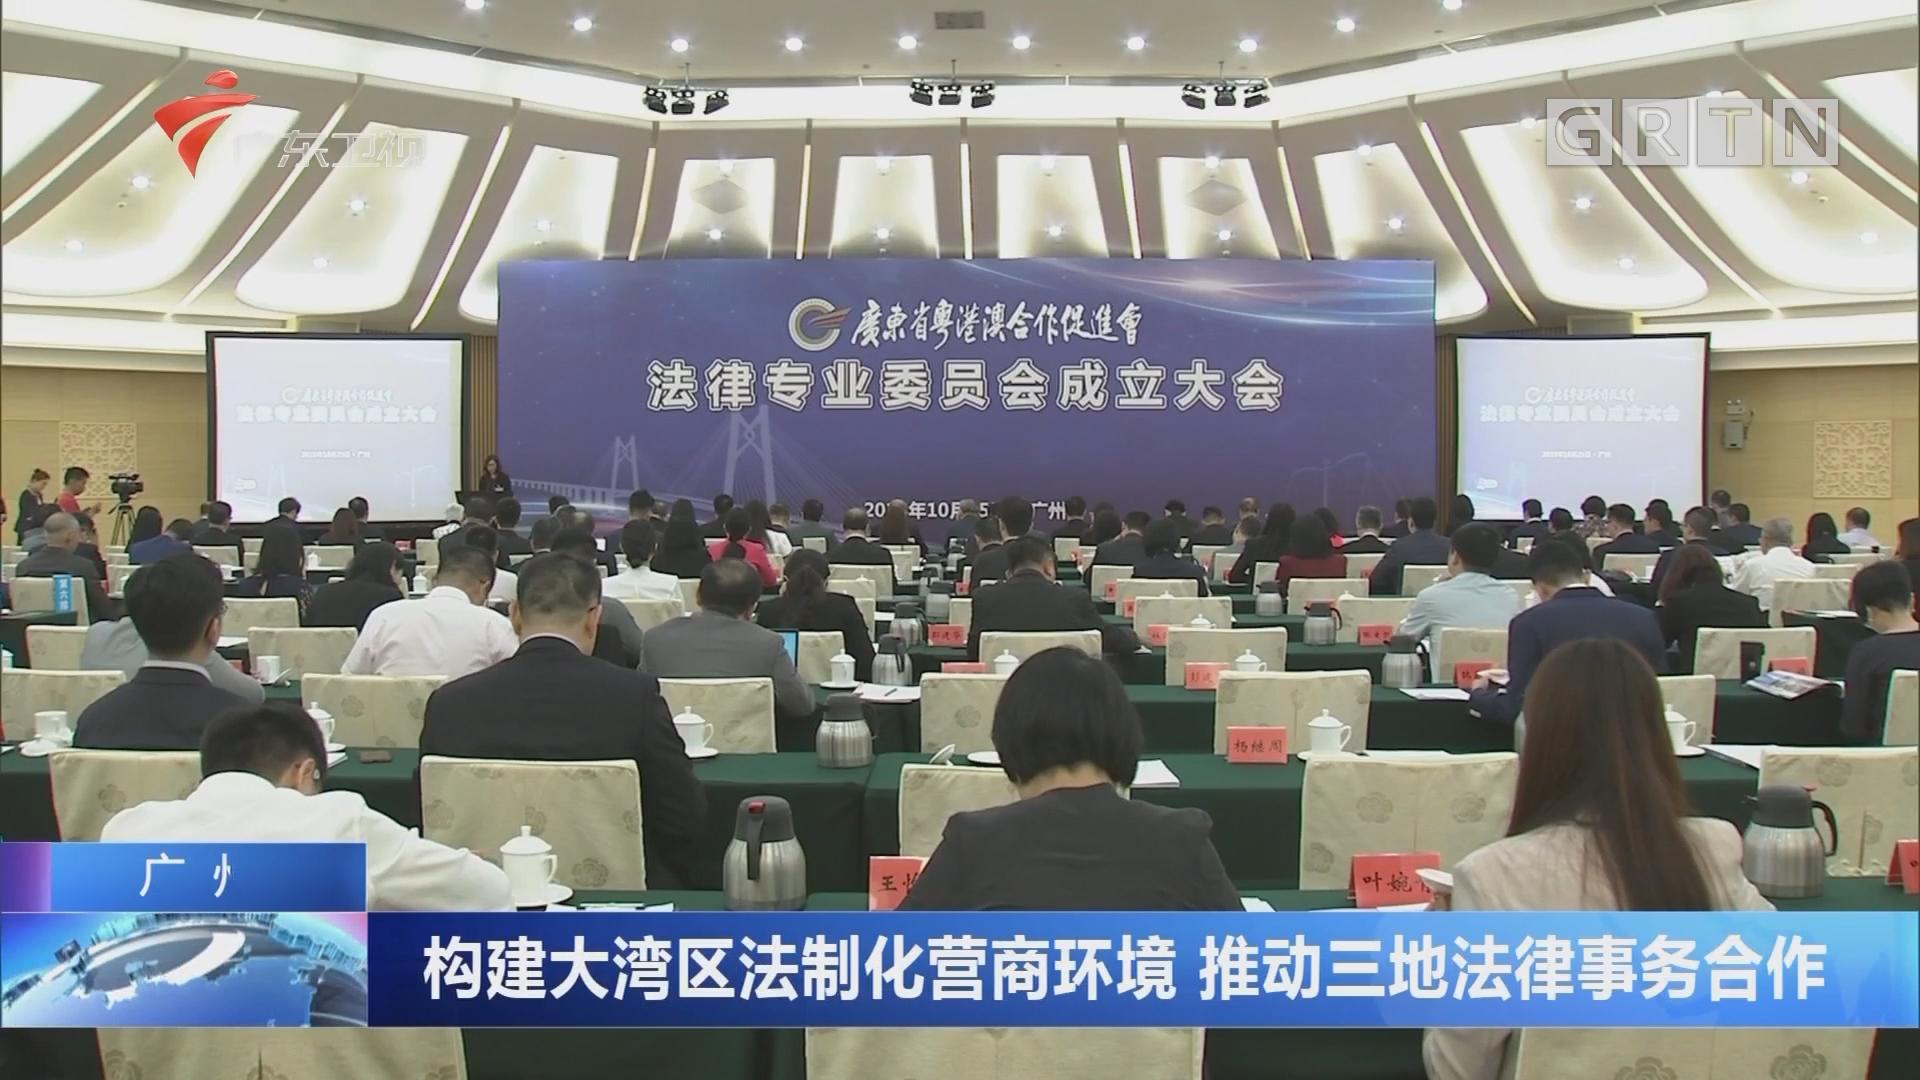 广州:构建大湾区法制化营商环境 推动三地法律事务合作